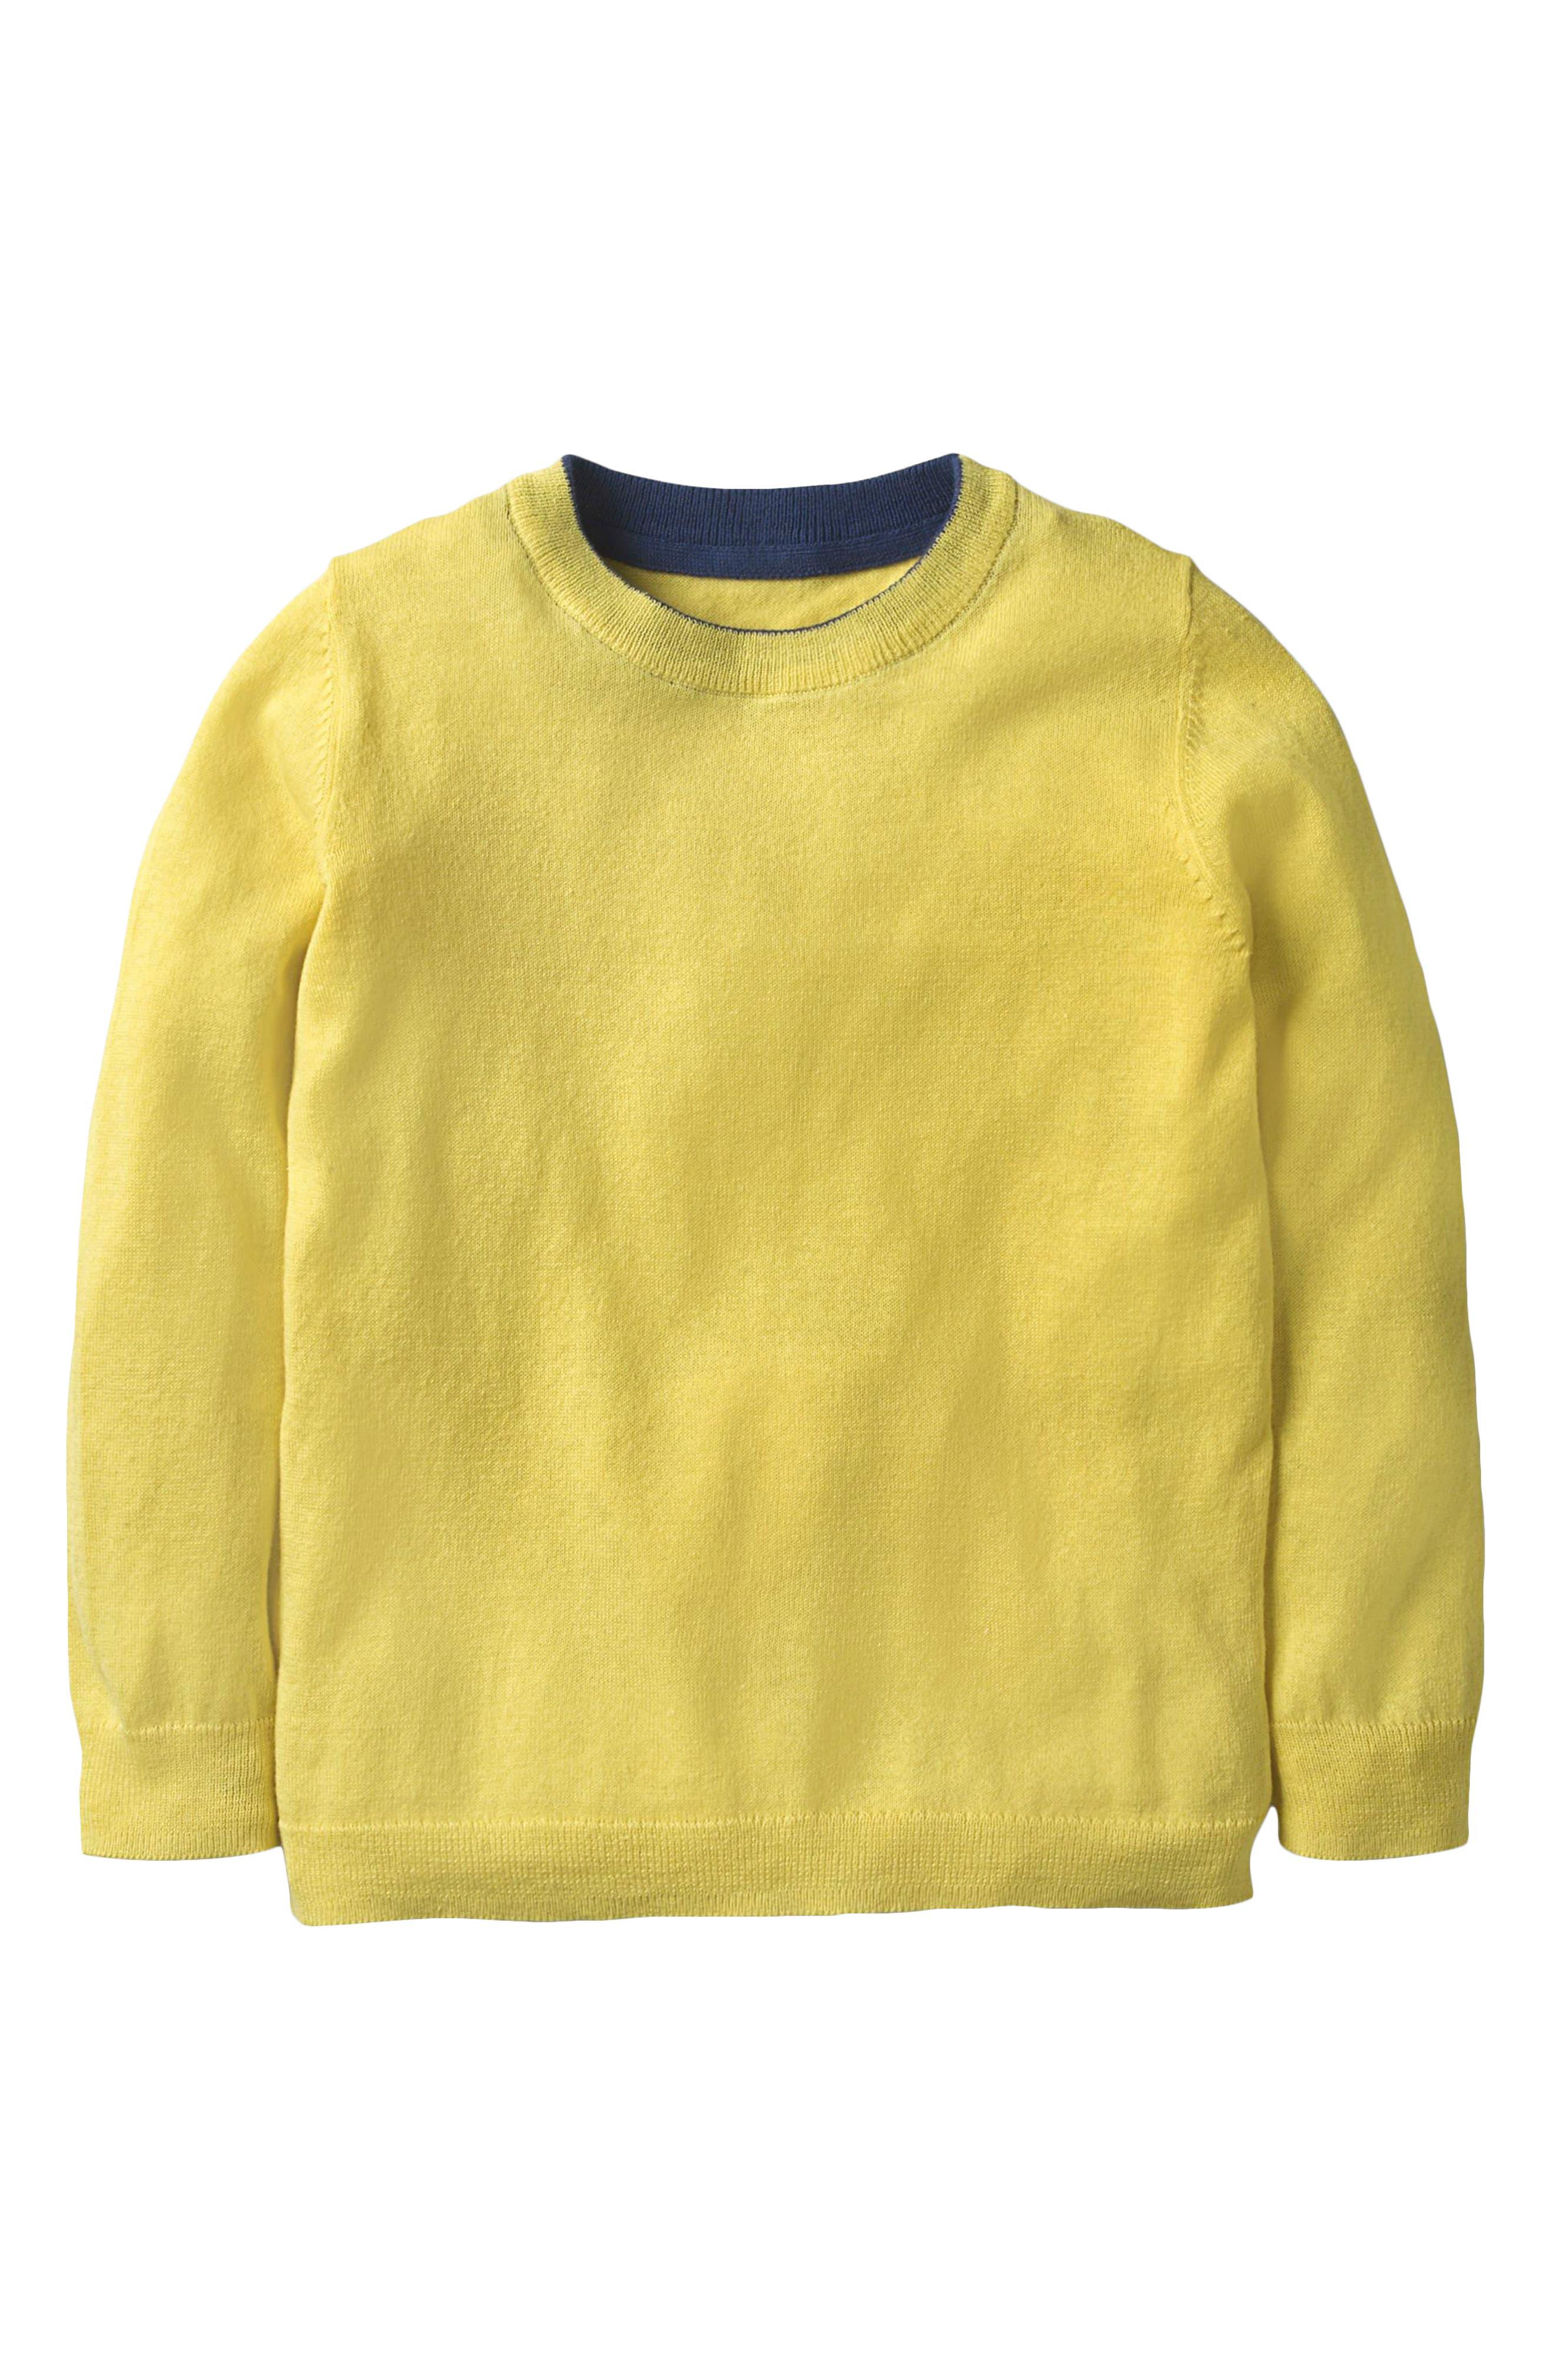 Cotton & Cashmere Sweater,                             Main thumbnail 1, color,                             704